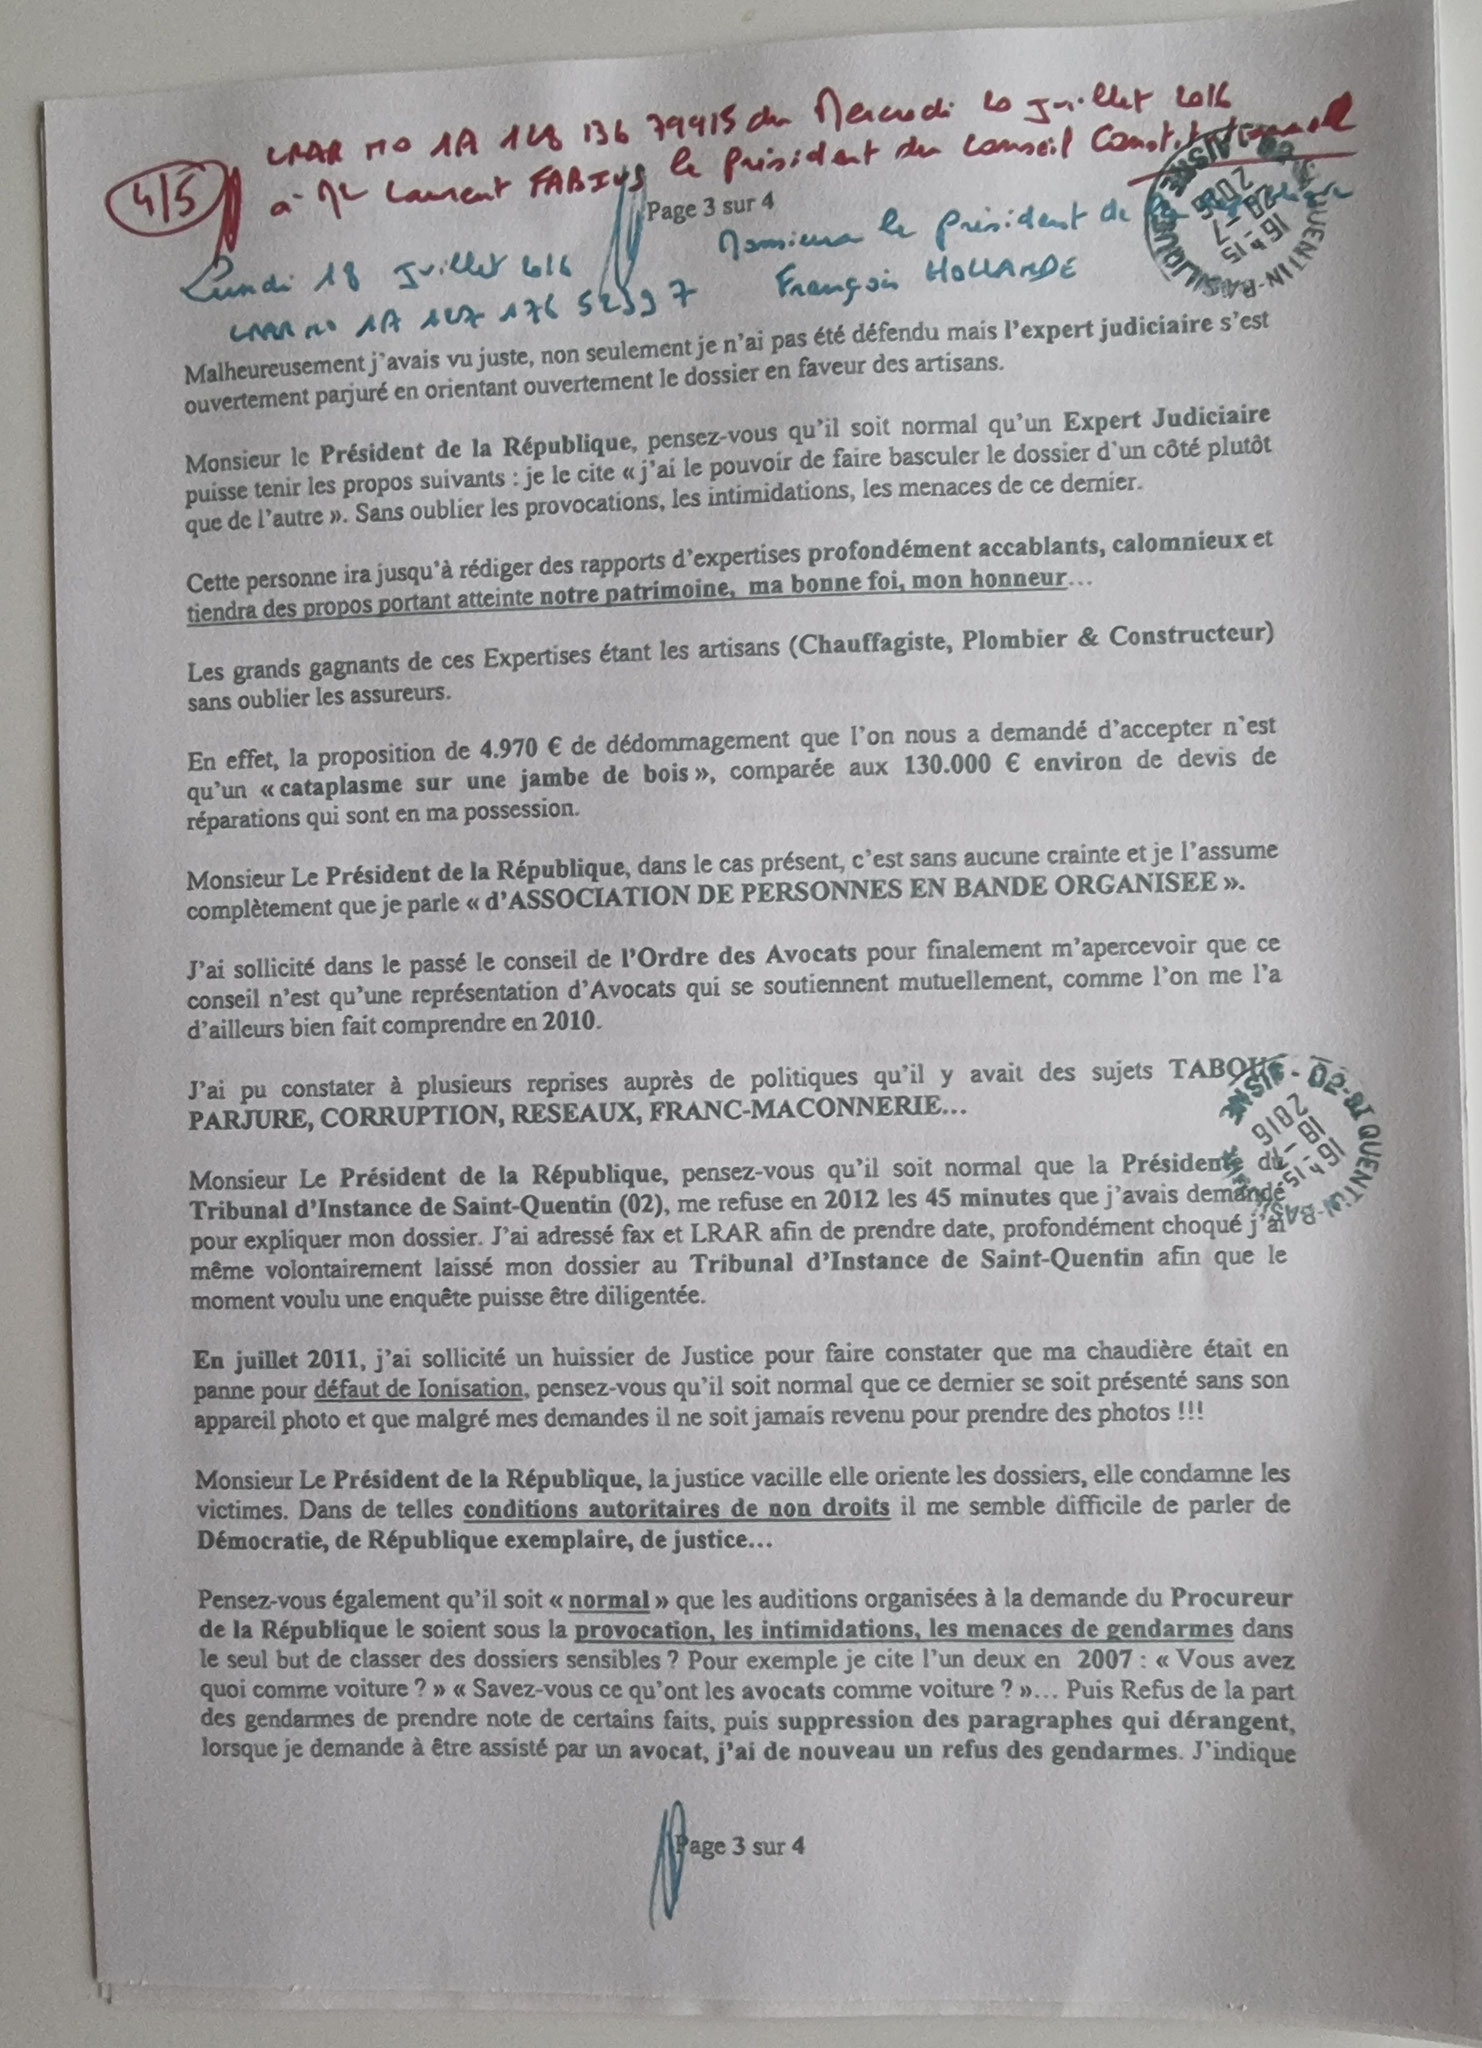 Ma Lettre recommandée du 20 Juillet 2016 adressée à Monsieur le Président du Conseil Constitutionnelle Laurent FABUIS DEMANDE PROTECTION DE MA PERSONNE www.jesuisvictime.fr www.jesuispatrick.fr